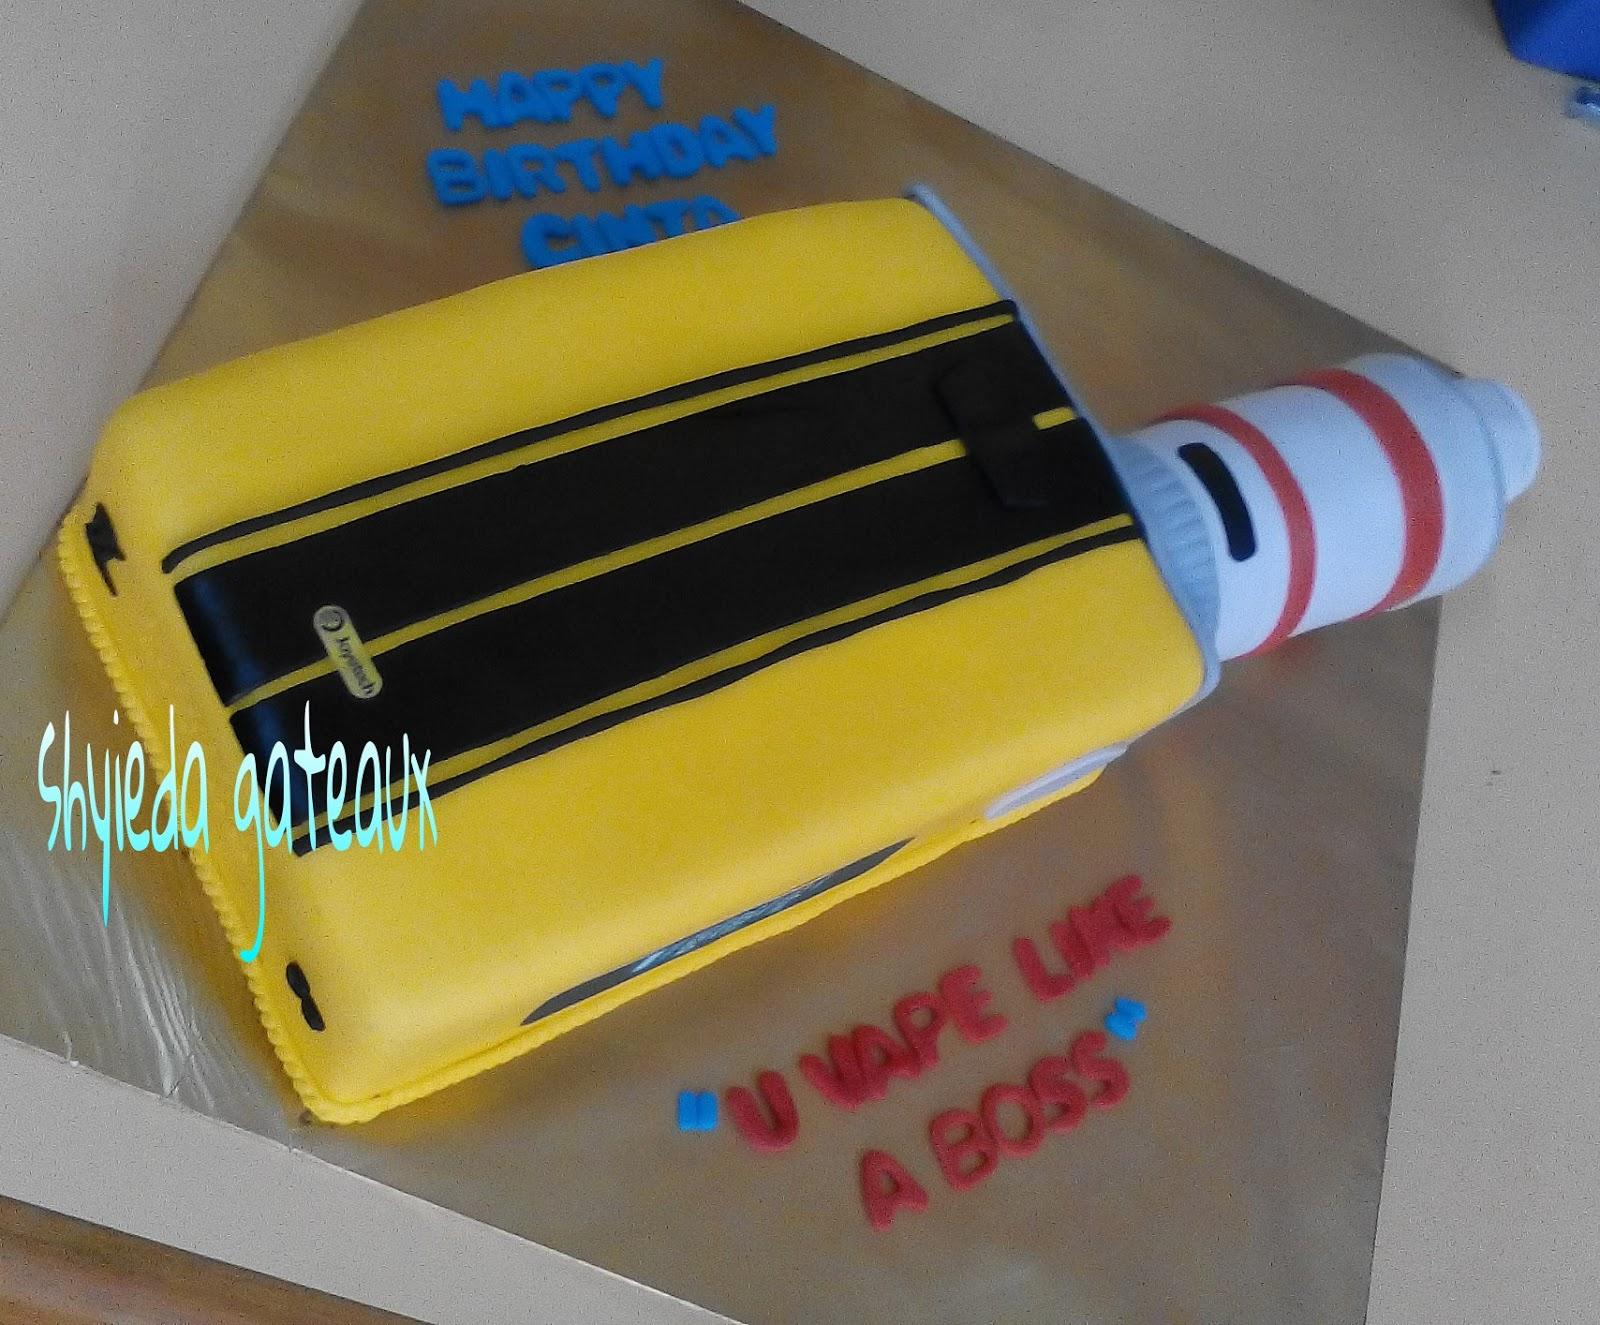 Shyieda Gateaux Homemade Melaka Vape Cake